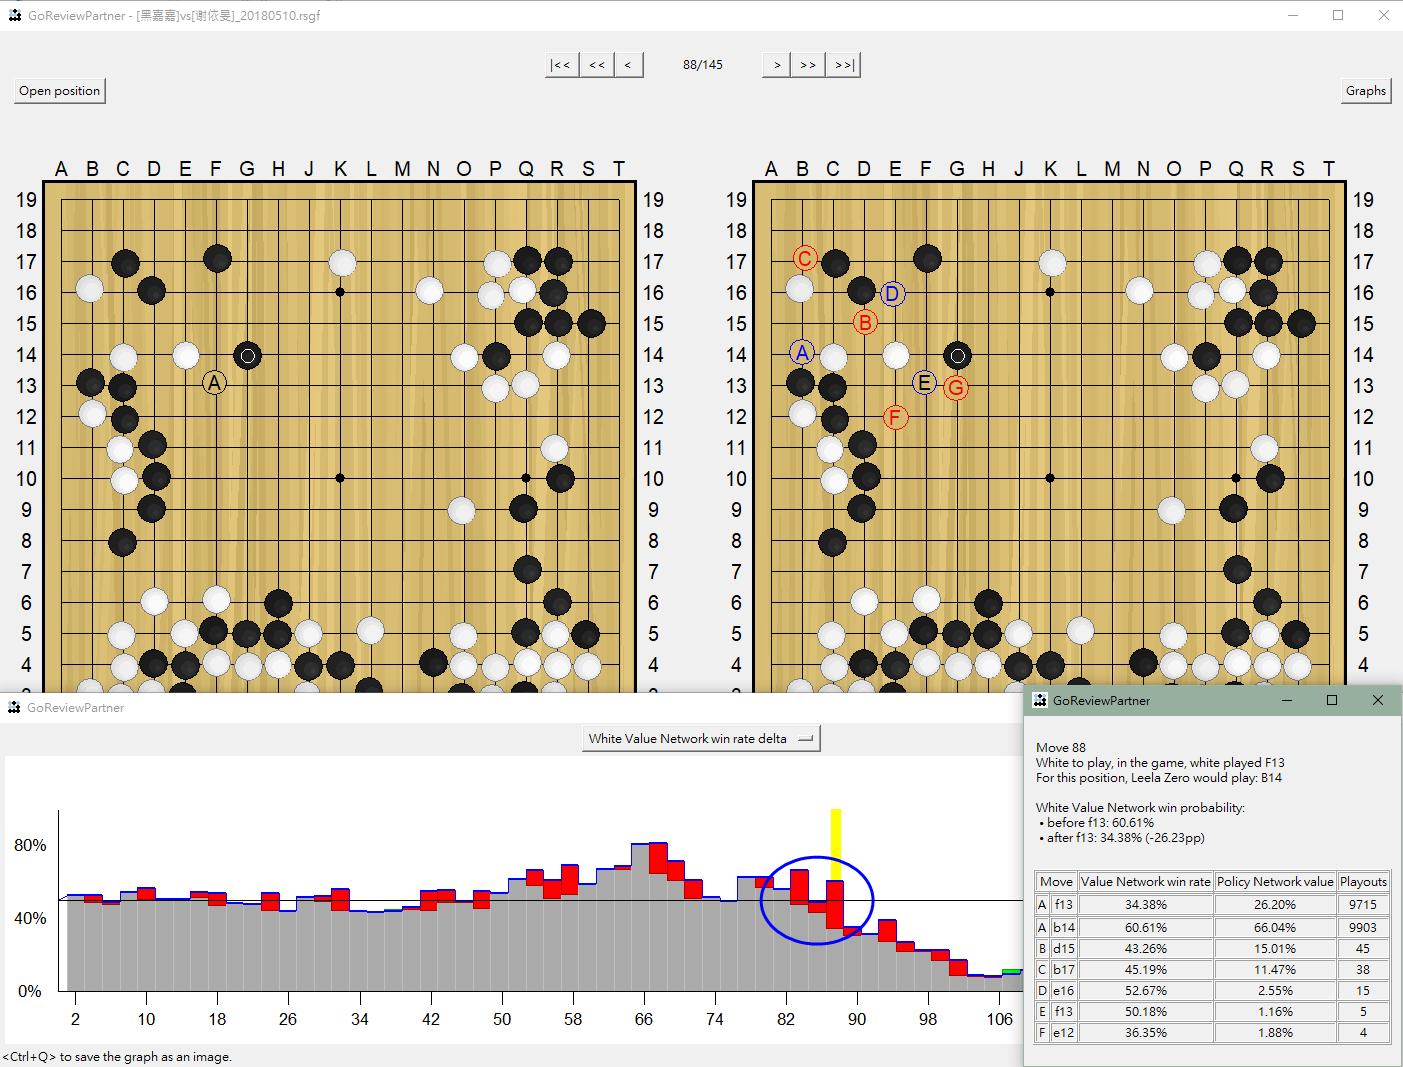 「黑嘉嘉 vs. 謝依旻」世界杯團體賽棋譜分析